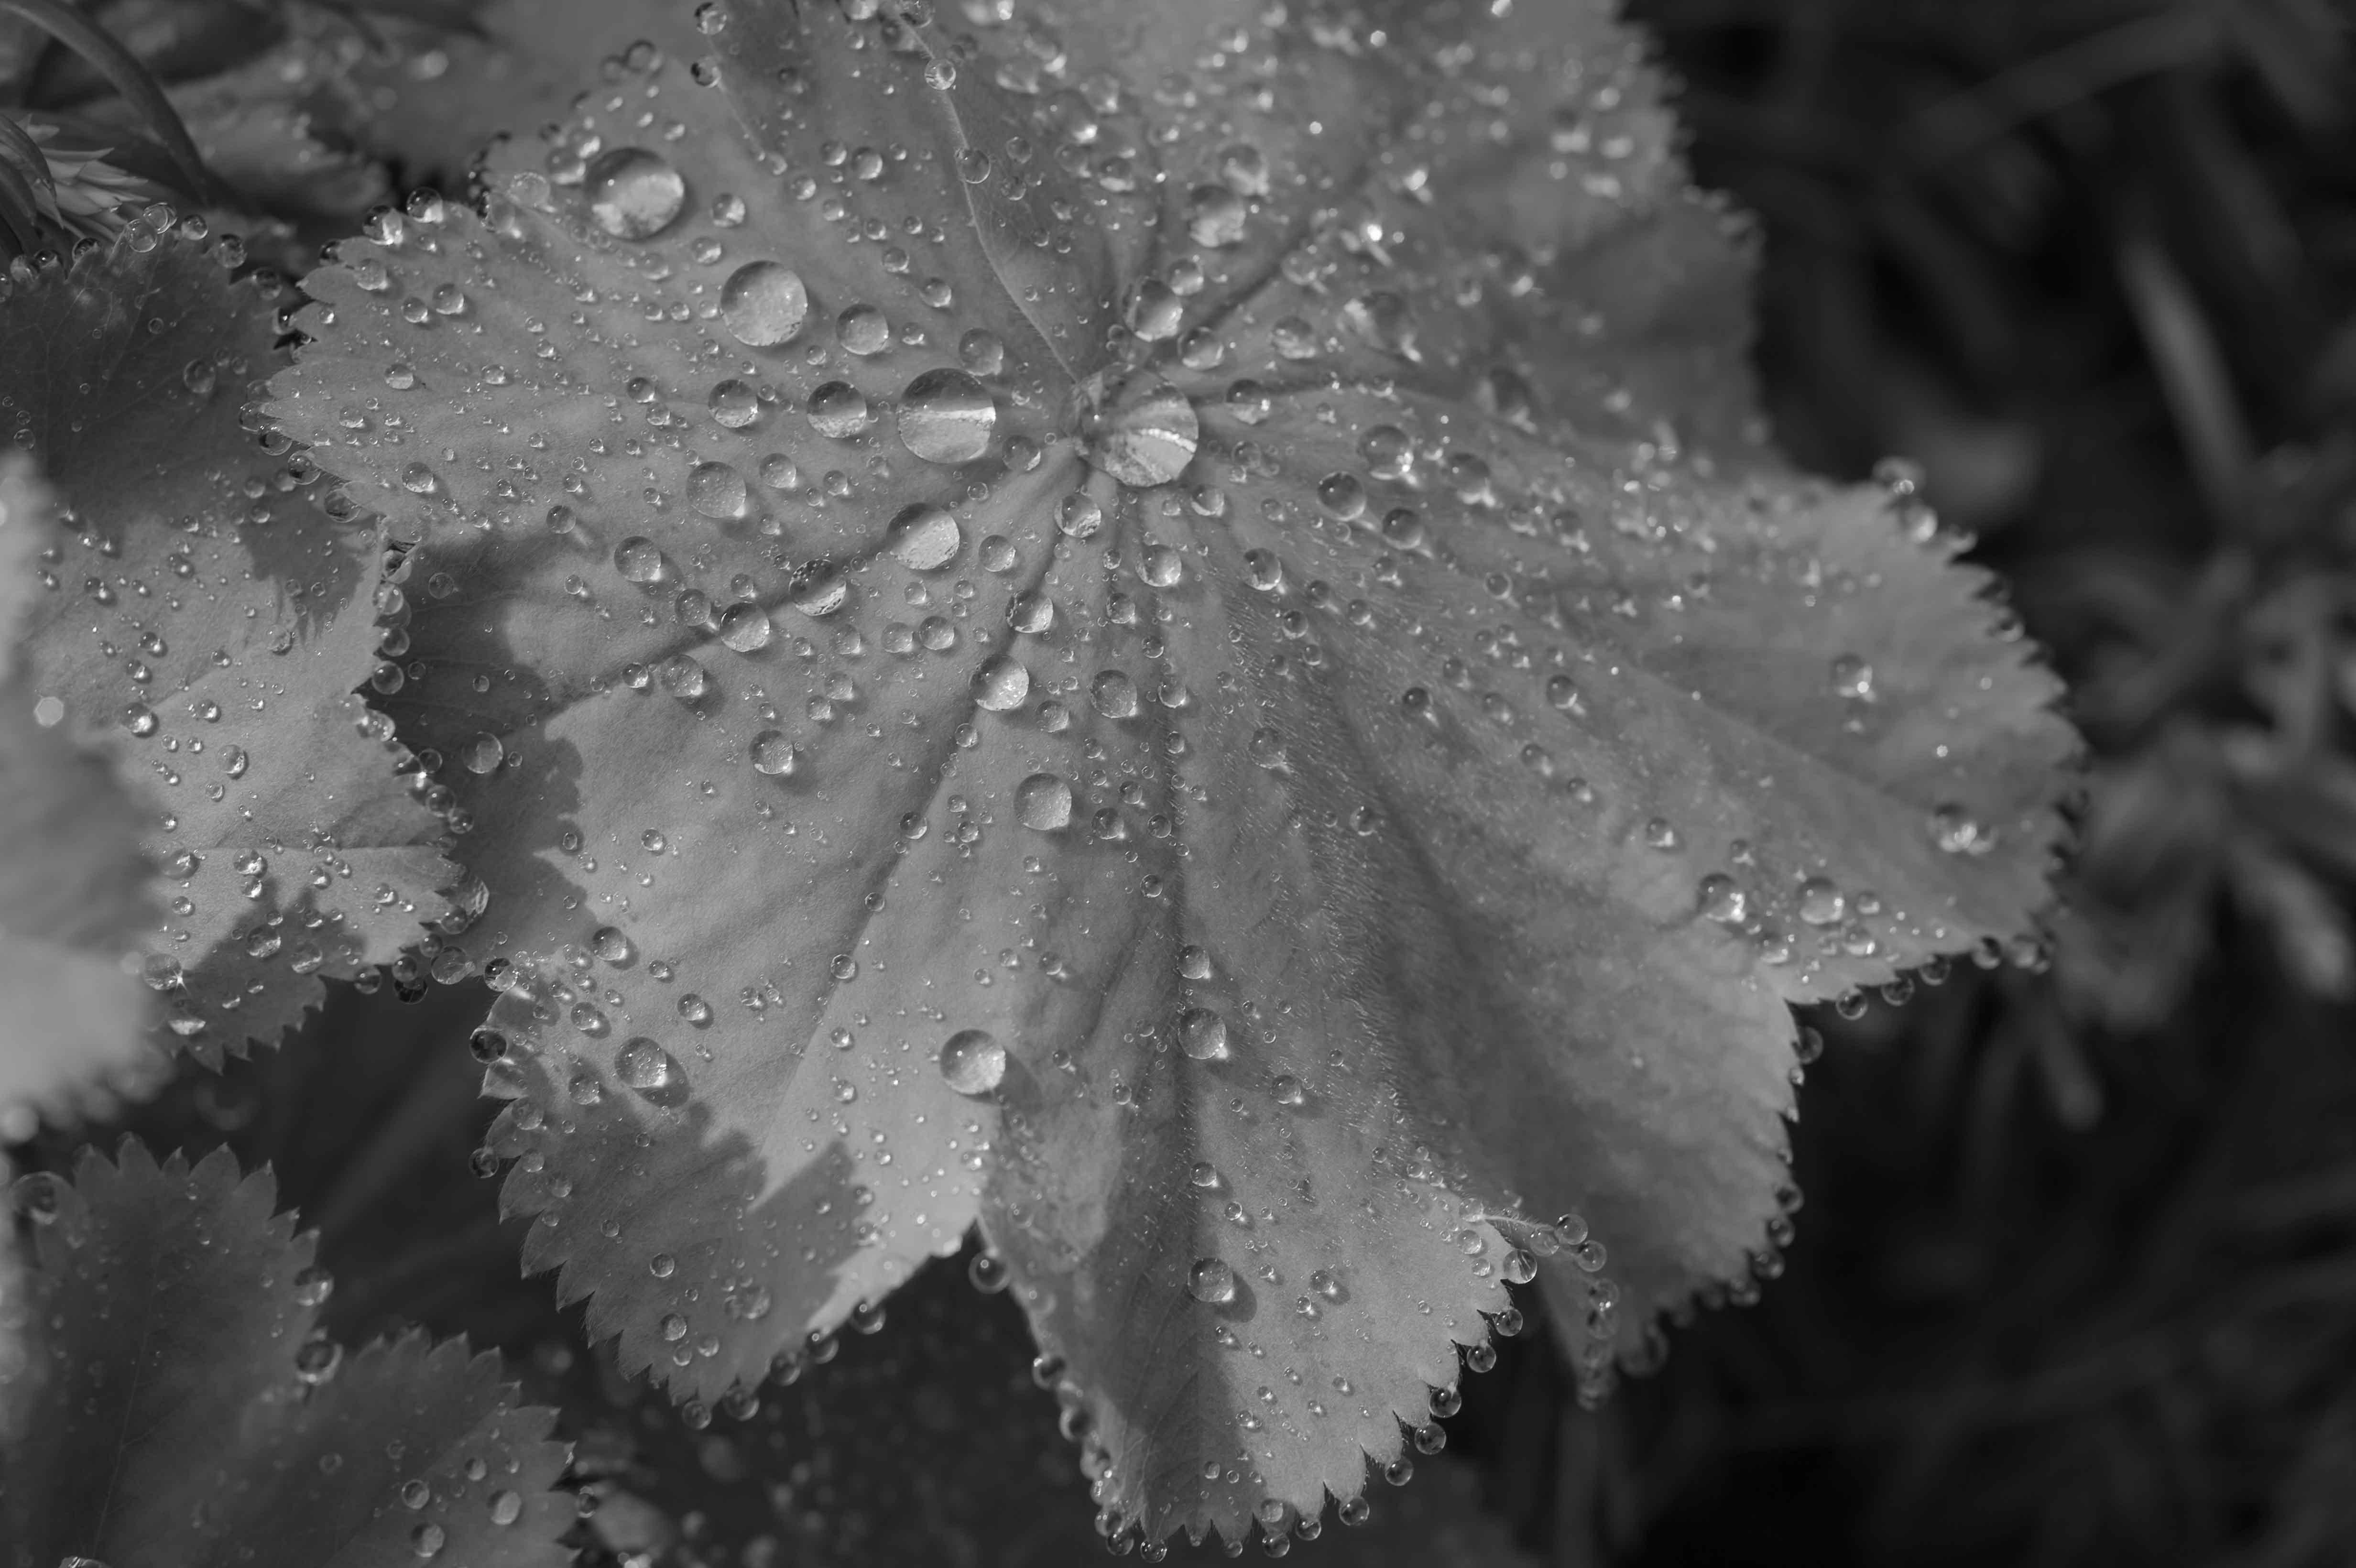 Als Lotus-Effekt (manchmal im Deutschen auch Lotoseffekt) wird die geringe Benetzbarkeit einer Oberfläche bezeichnet, wie sie bei der Lotospflanze Nelumbo beobachtet werden kann. Wasser perlt in Tropfen oder rutscht von den Blättern ab und nimmt dabei auch alle Schmutzpartikel auf der Oberfläche mit. Verantwortlich dafür ist eine komplexe mikro- und nanoskopische Architektur der Oberfläche, die die Haftung von Schmutzpartikeln minimier Hier bilden sich dicke Wassertropfen,